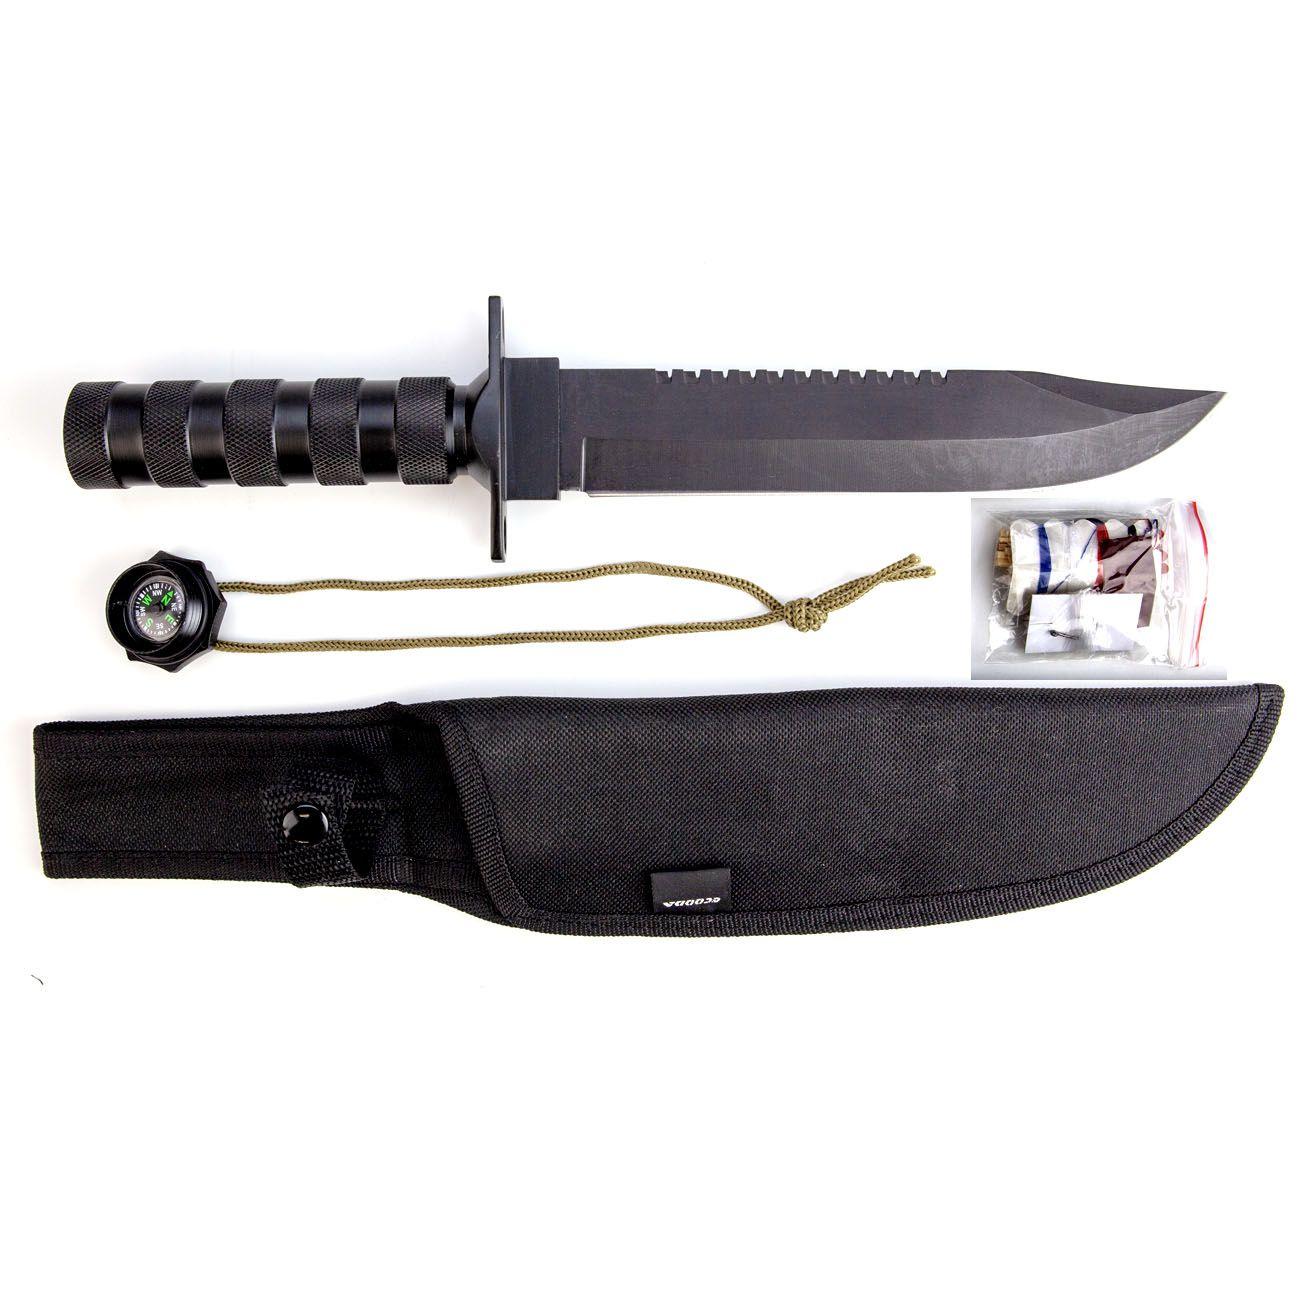 Faca Tática Sobrevivência ML019 (Preta ou Prata)  - Comprando & Pescando